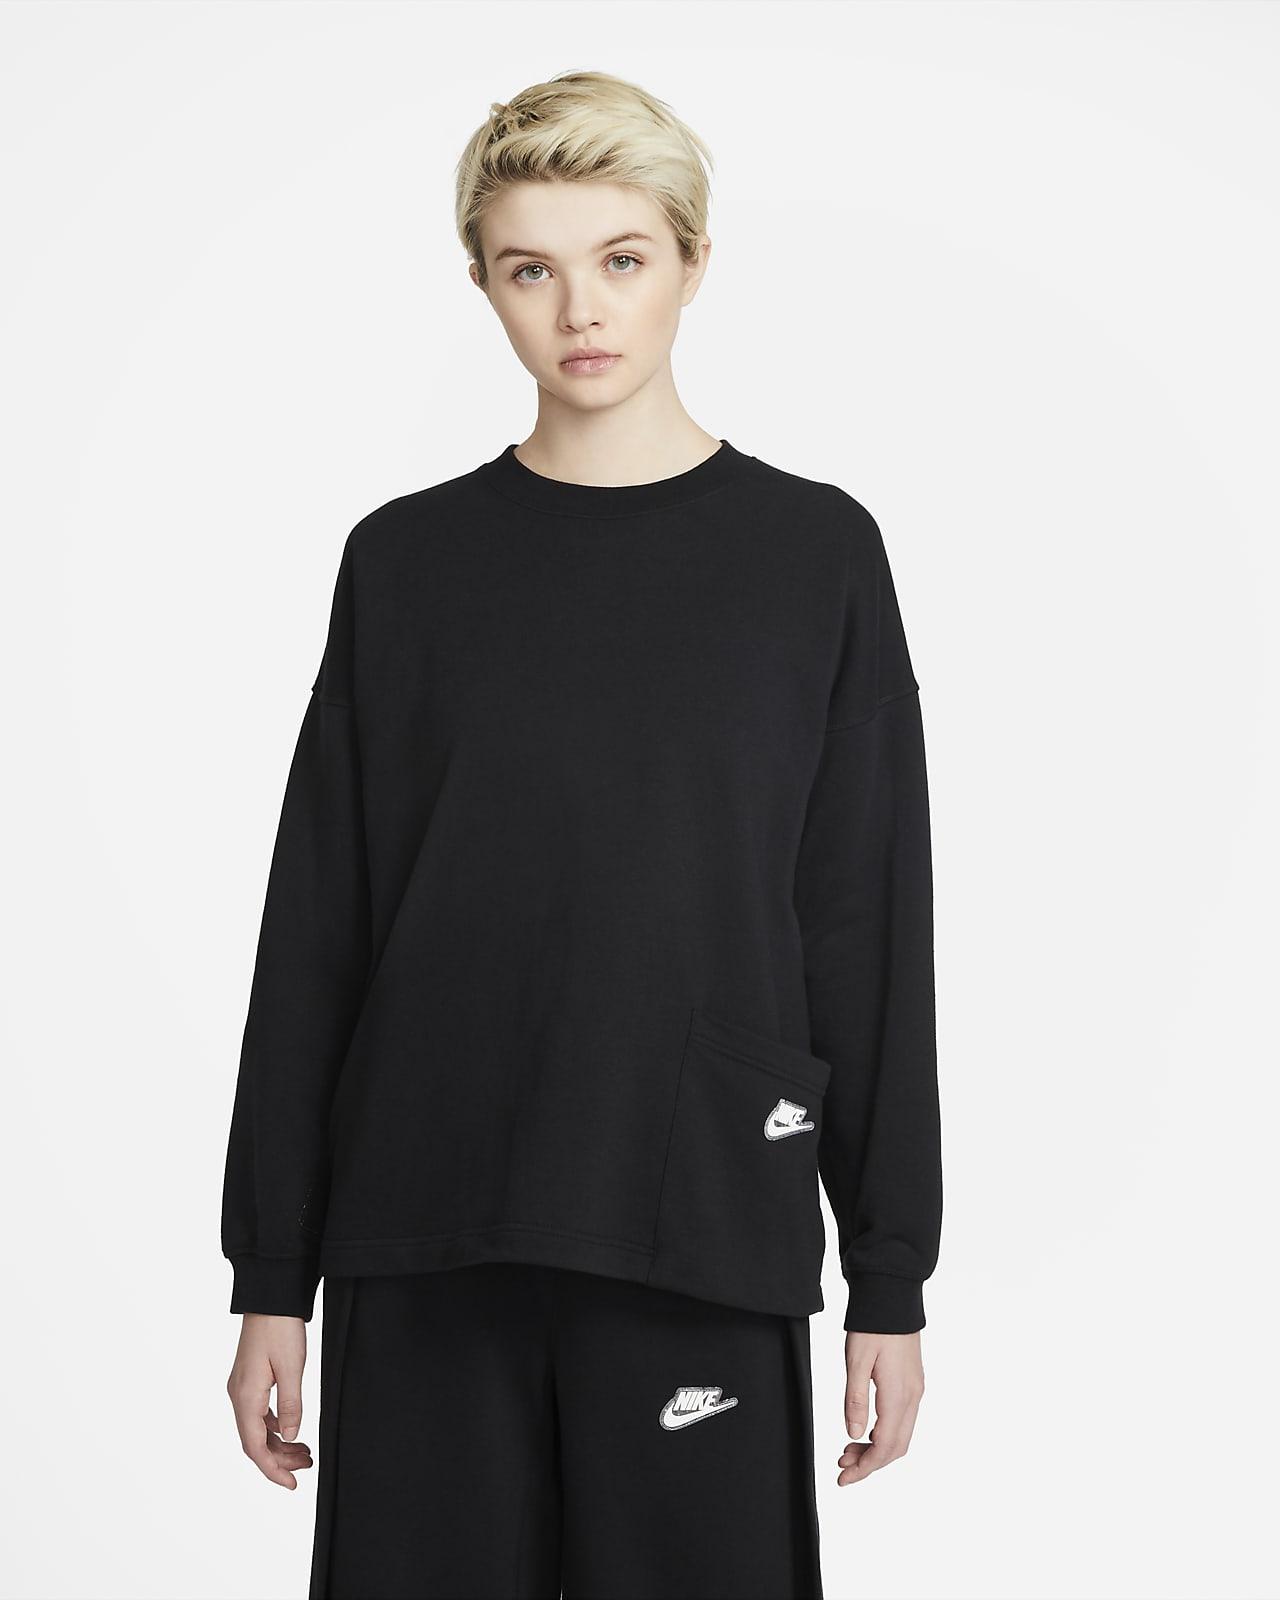 Nike Sportswear kerek nyakkivágású női pulóver